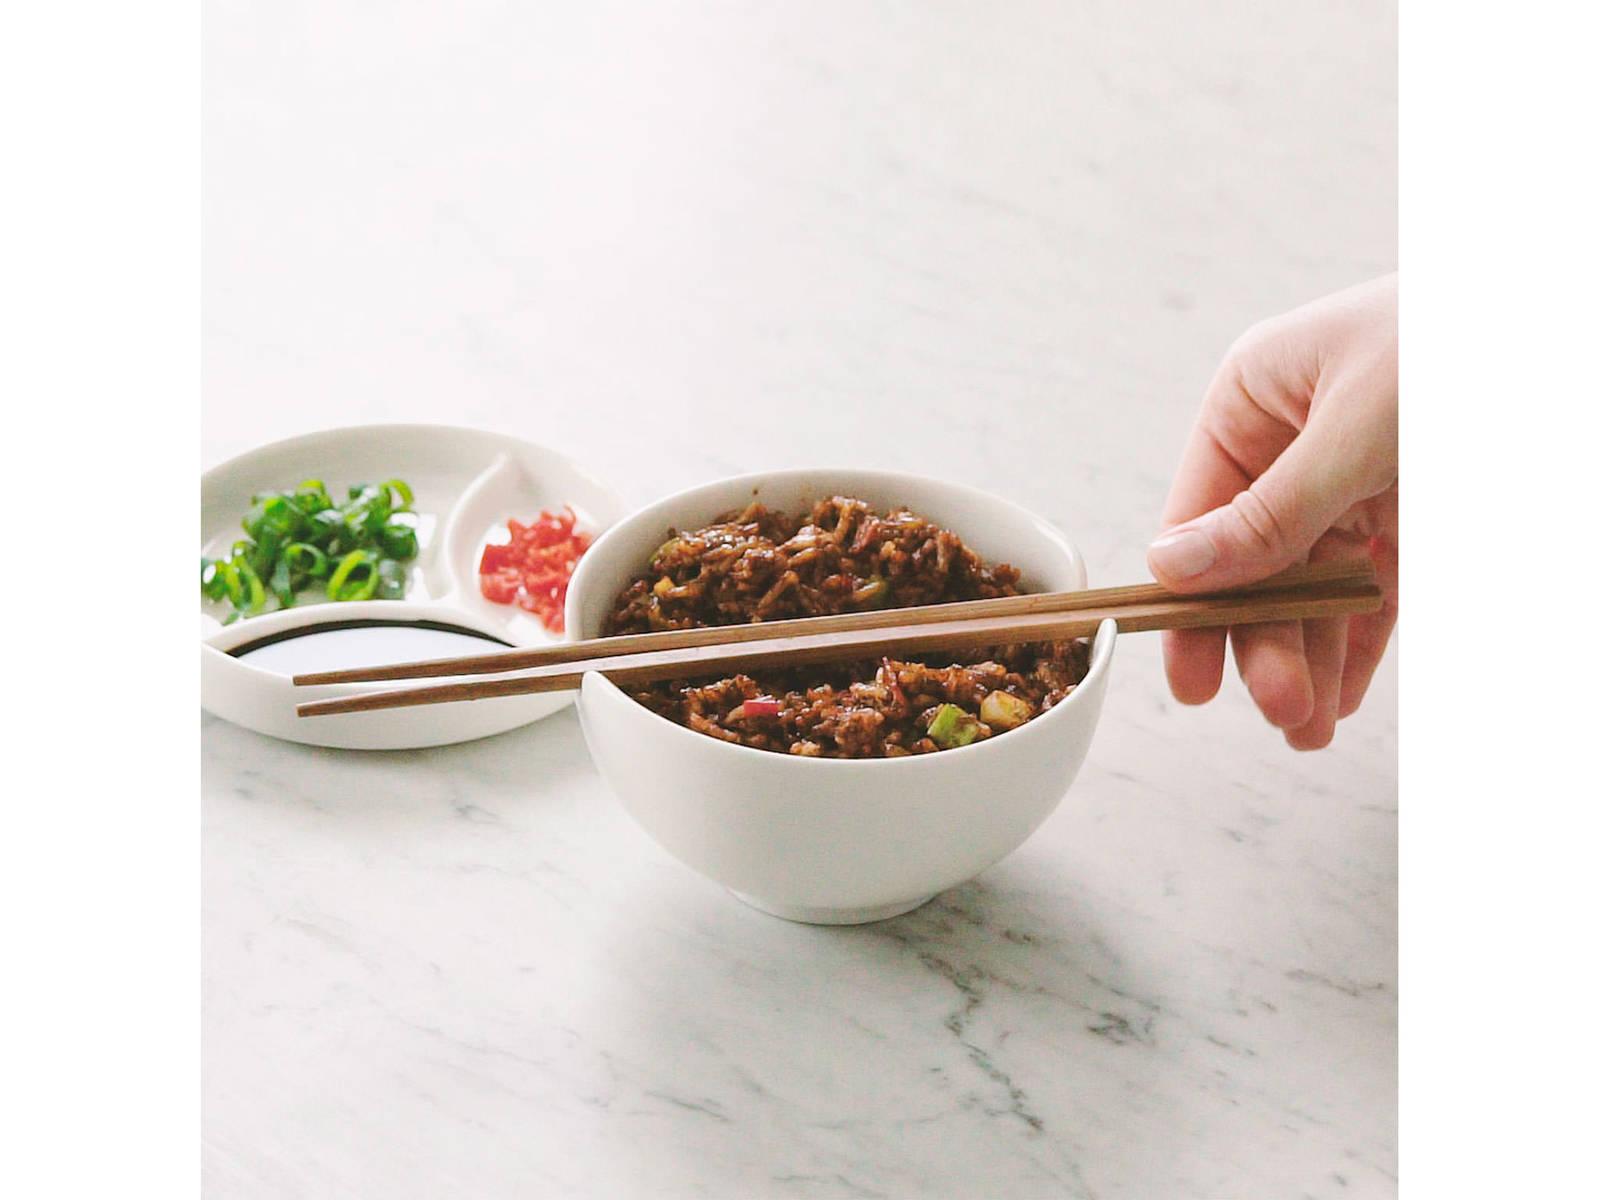 将炒饭倒进碗中,撒上辣椒末、葱绿末,淋上酱油。尽情享用吧!